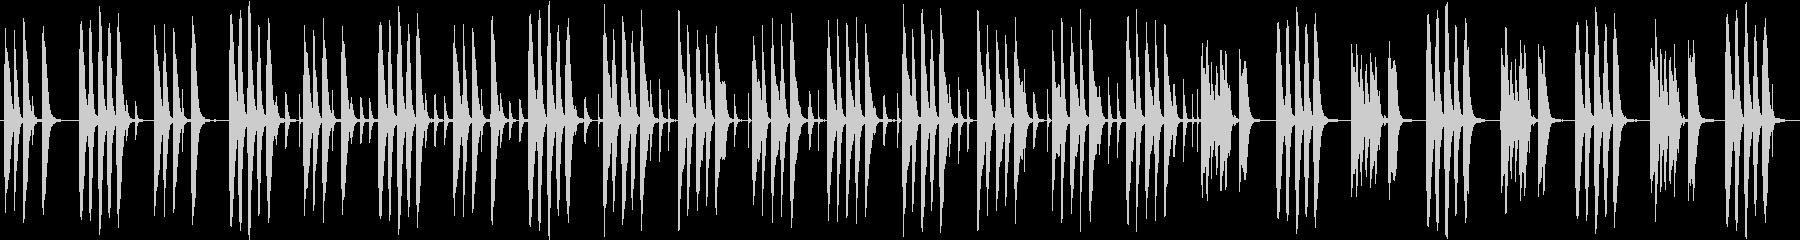 ほのぼのした短めのジングルの未再生の波形